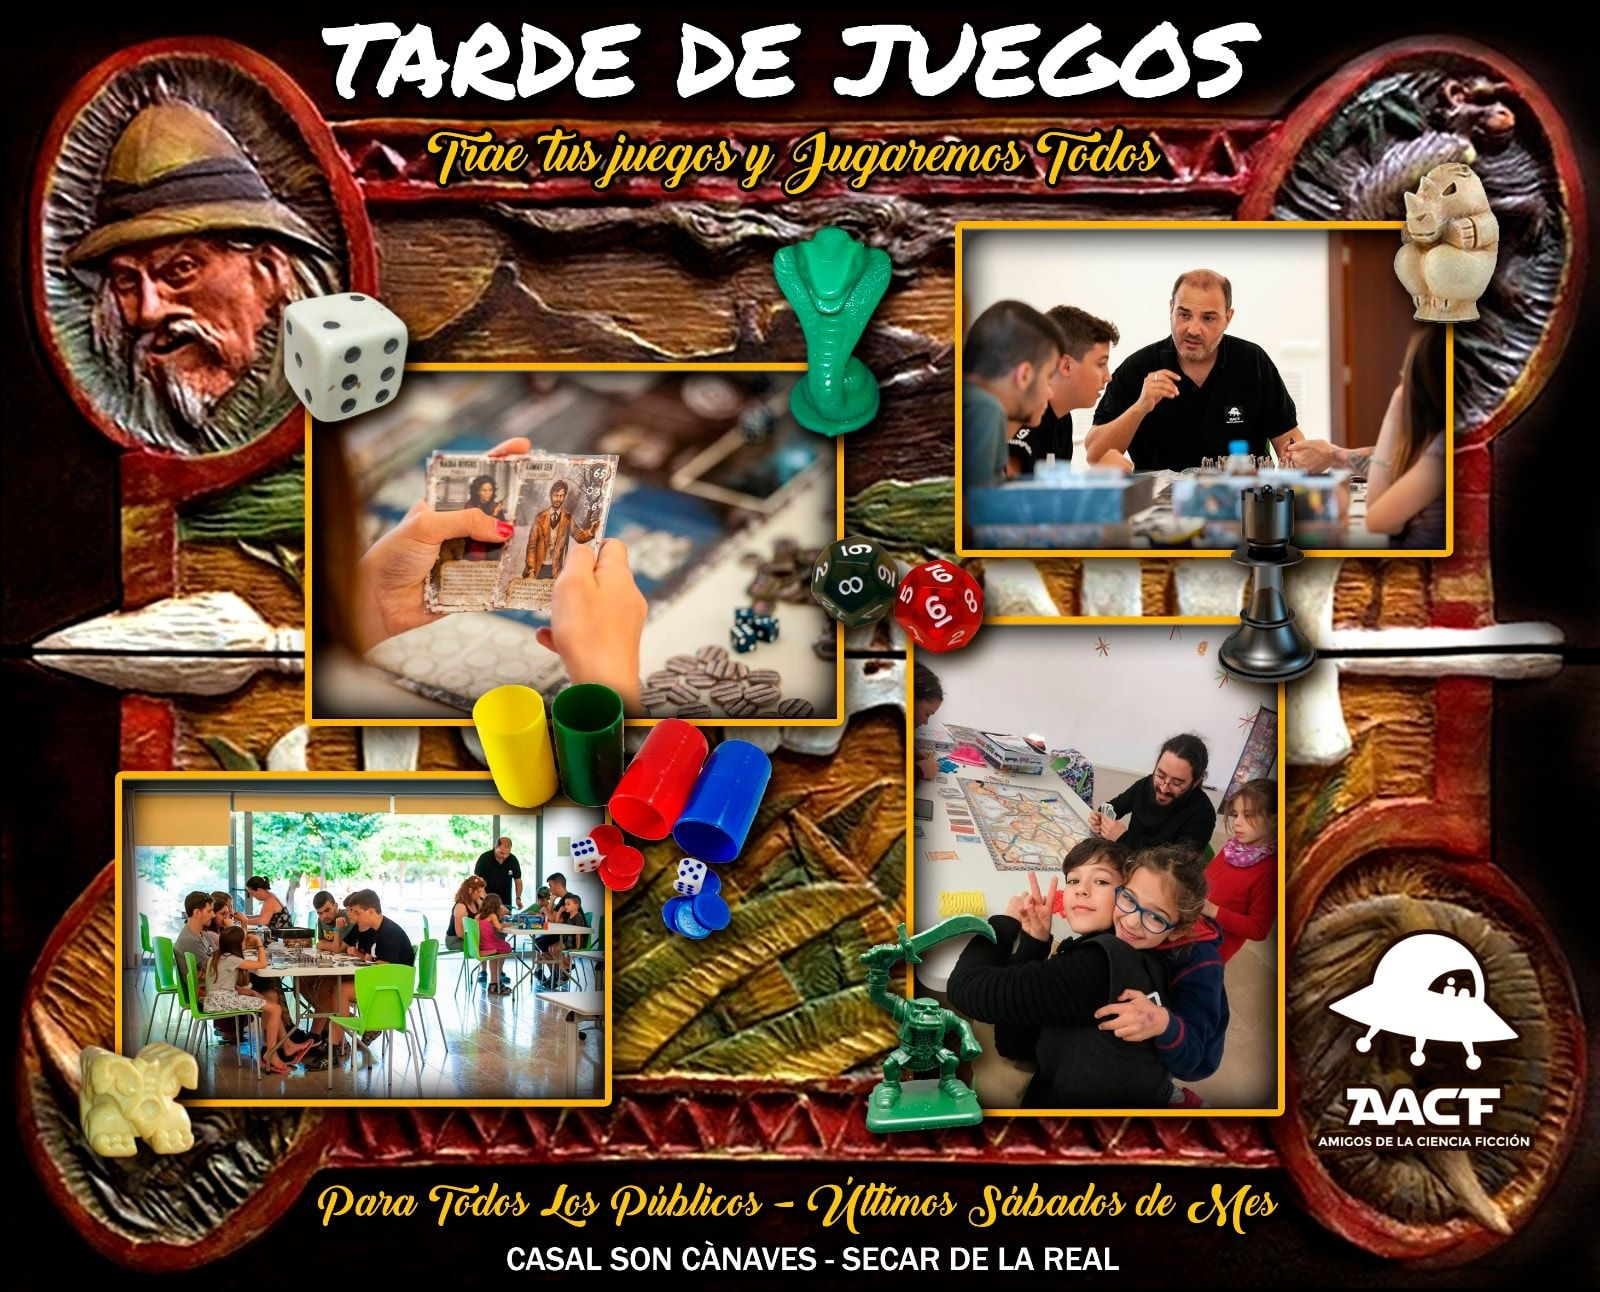 TARDE DE JUEGOS (25/02/20)